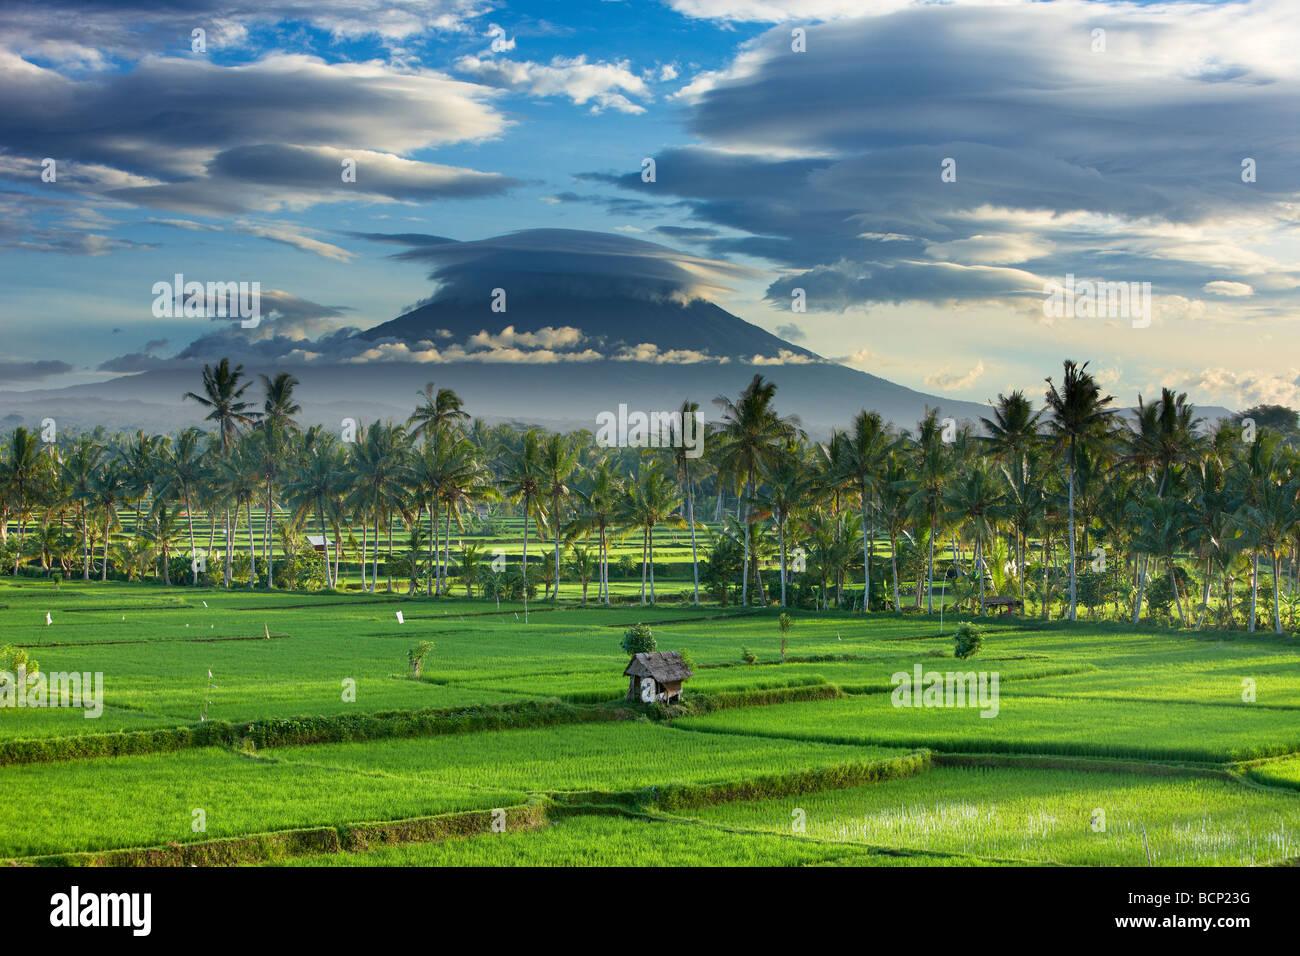 Un drammatico cielo sopra il picco vulcanico di Gunung Agung e i campi di riso, nei pressi di Ubud, Bali, Indonesia Immagini Stock